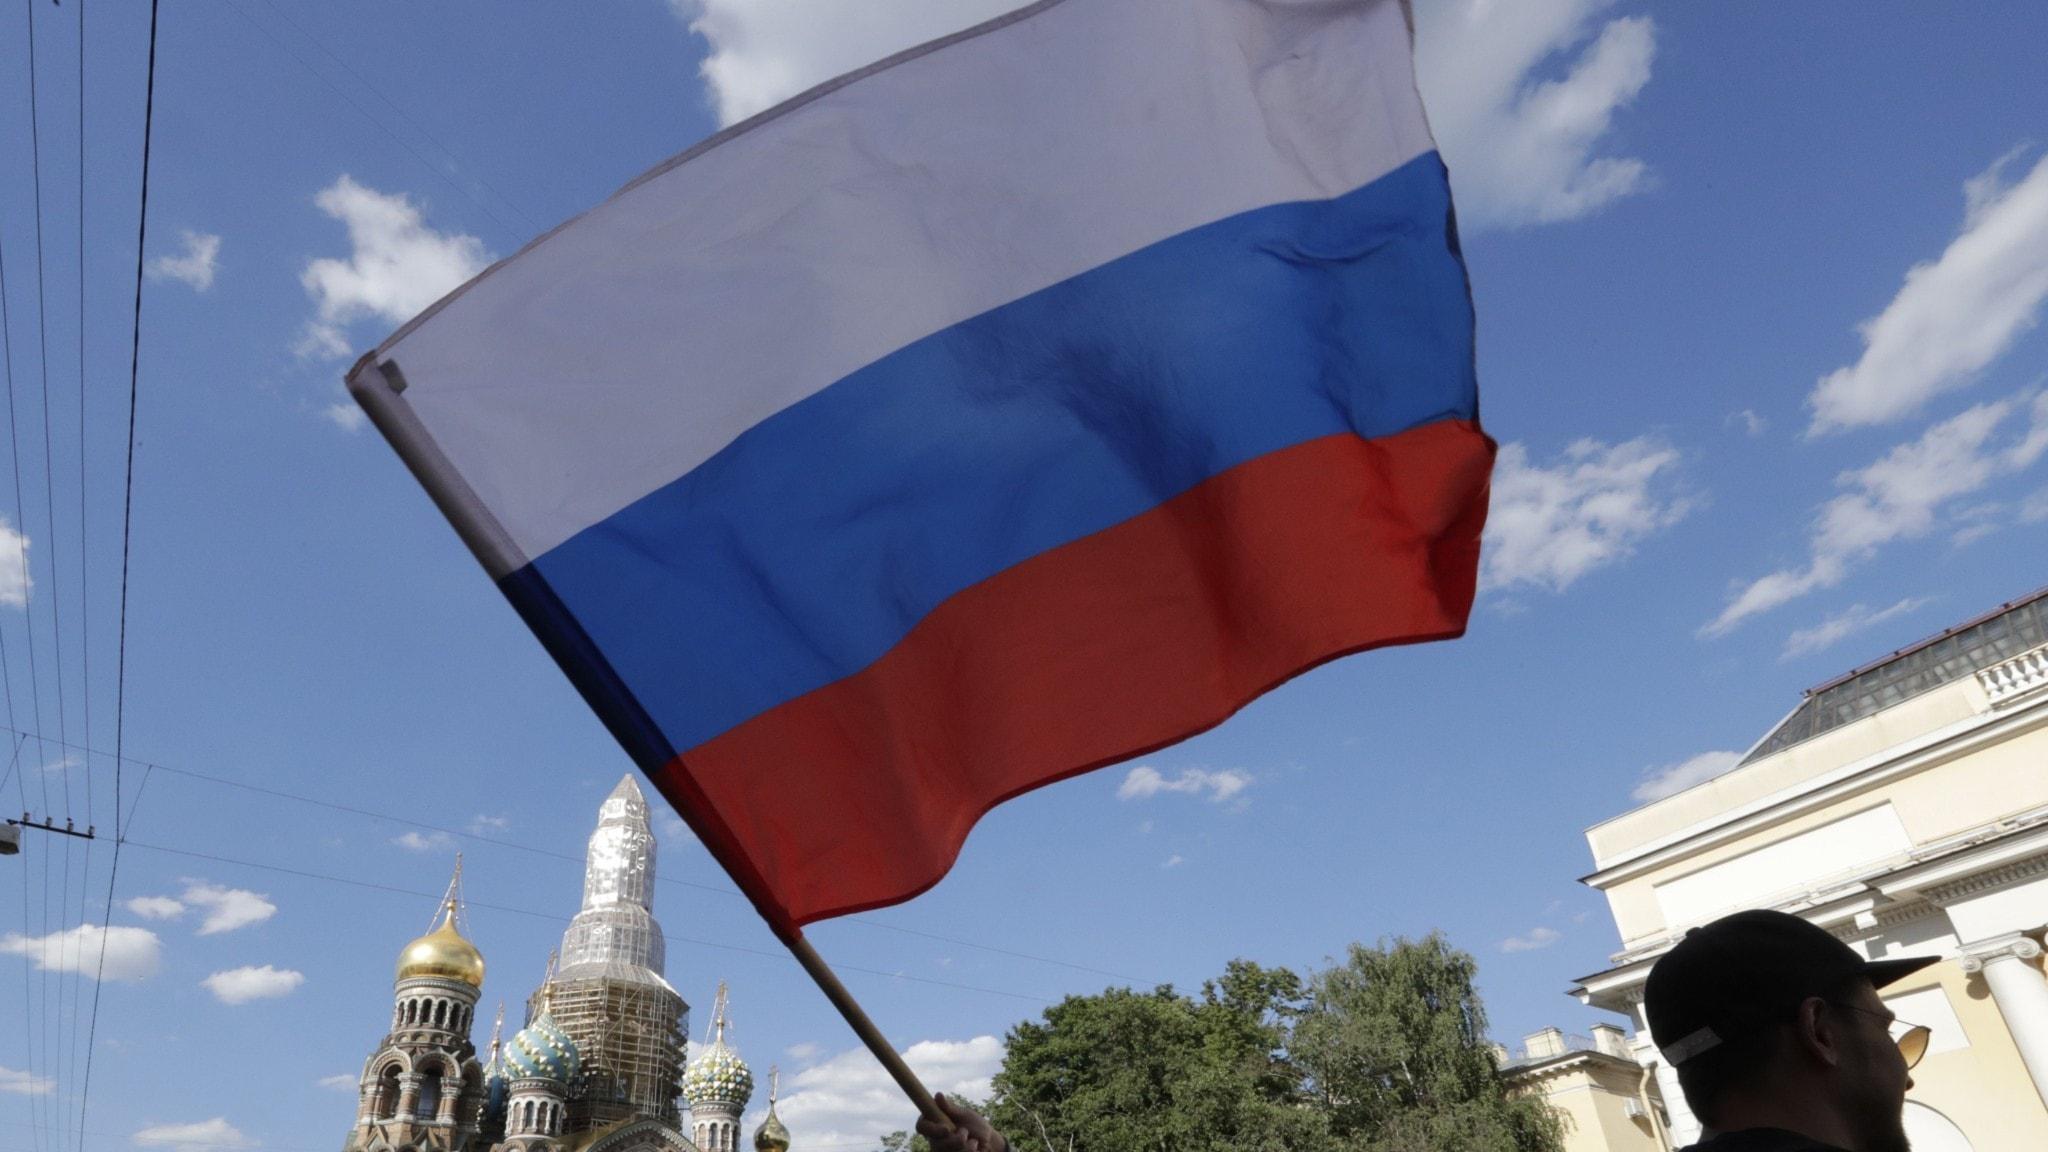 Ryska flaggan vajar i luften.